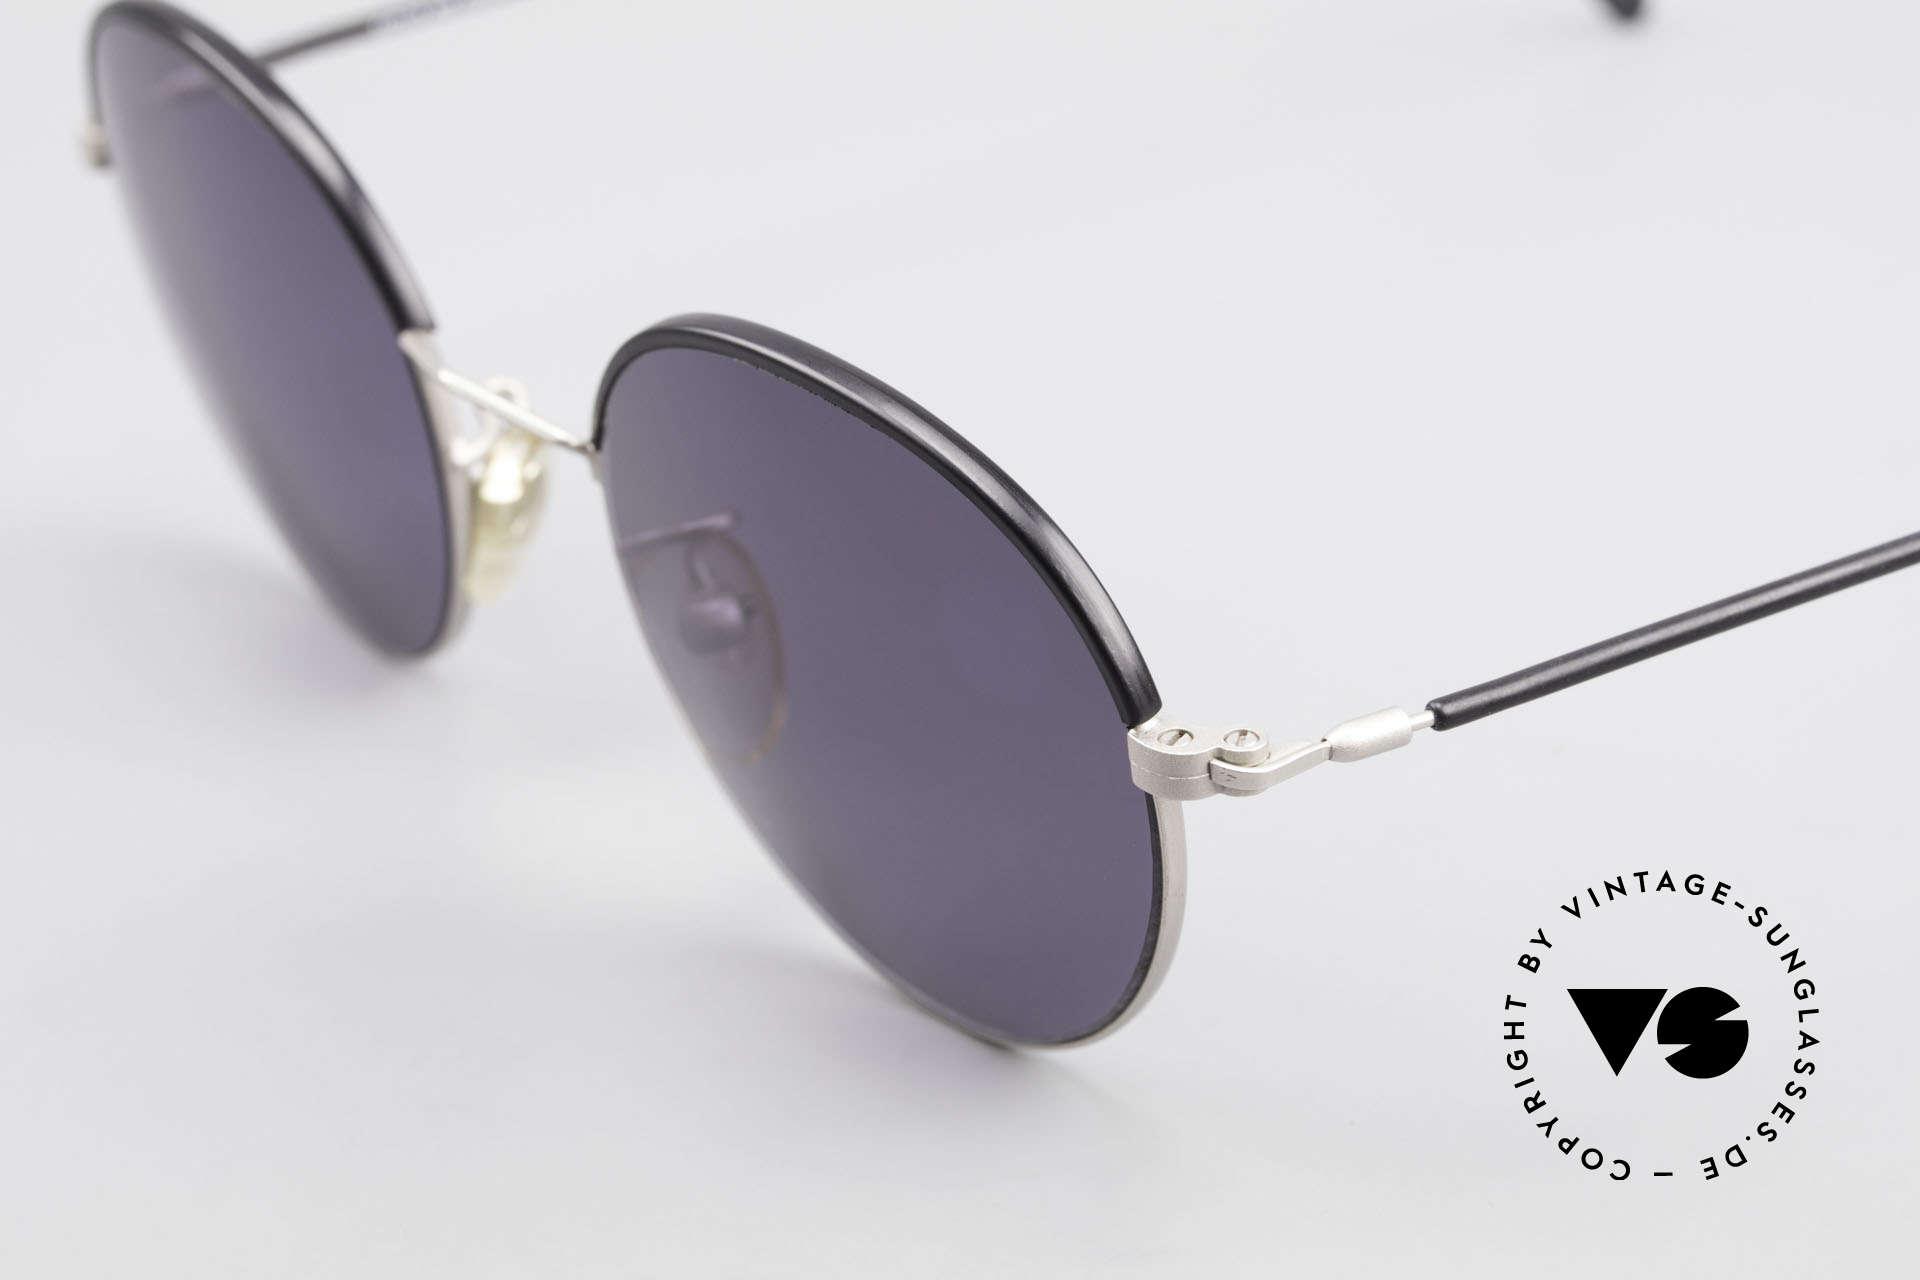 Cutler And Gross 0391 Runde Designer Pantobrille, schlicht, aber Materialien & Verarbeitung auf top-Niveau, Passend für Herren und Damen